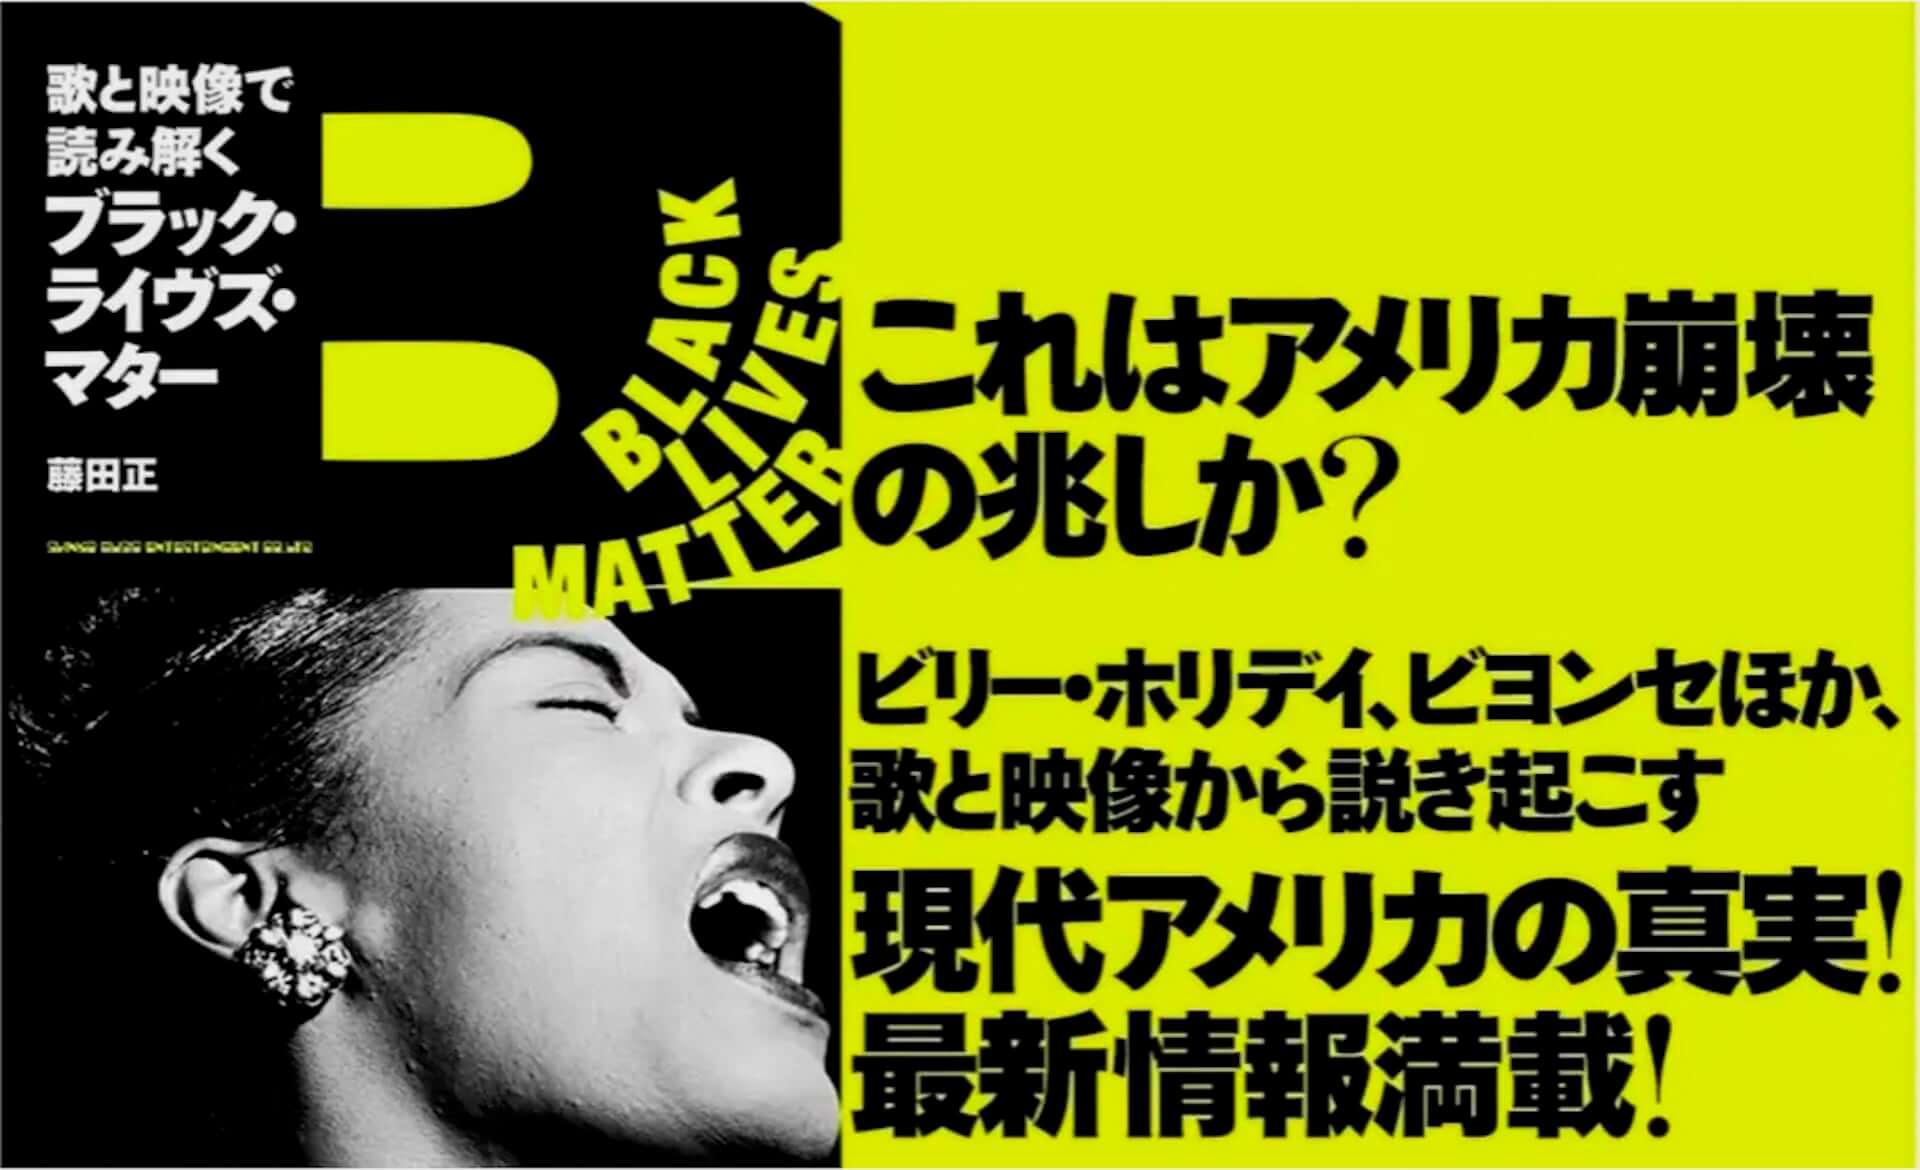 書籍『歌と映像で読み解くブラック・ライヴズ・マター』の制作過程や裏話が公開!著者・藤田正と企画編集・森聖加による対談noteがスタート art201202_blm-note_2-1920x1170